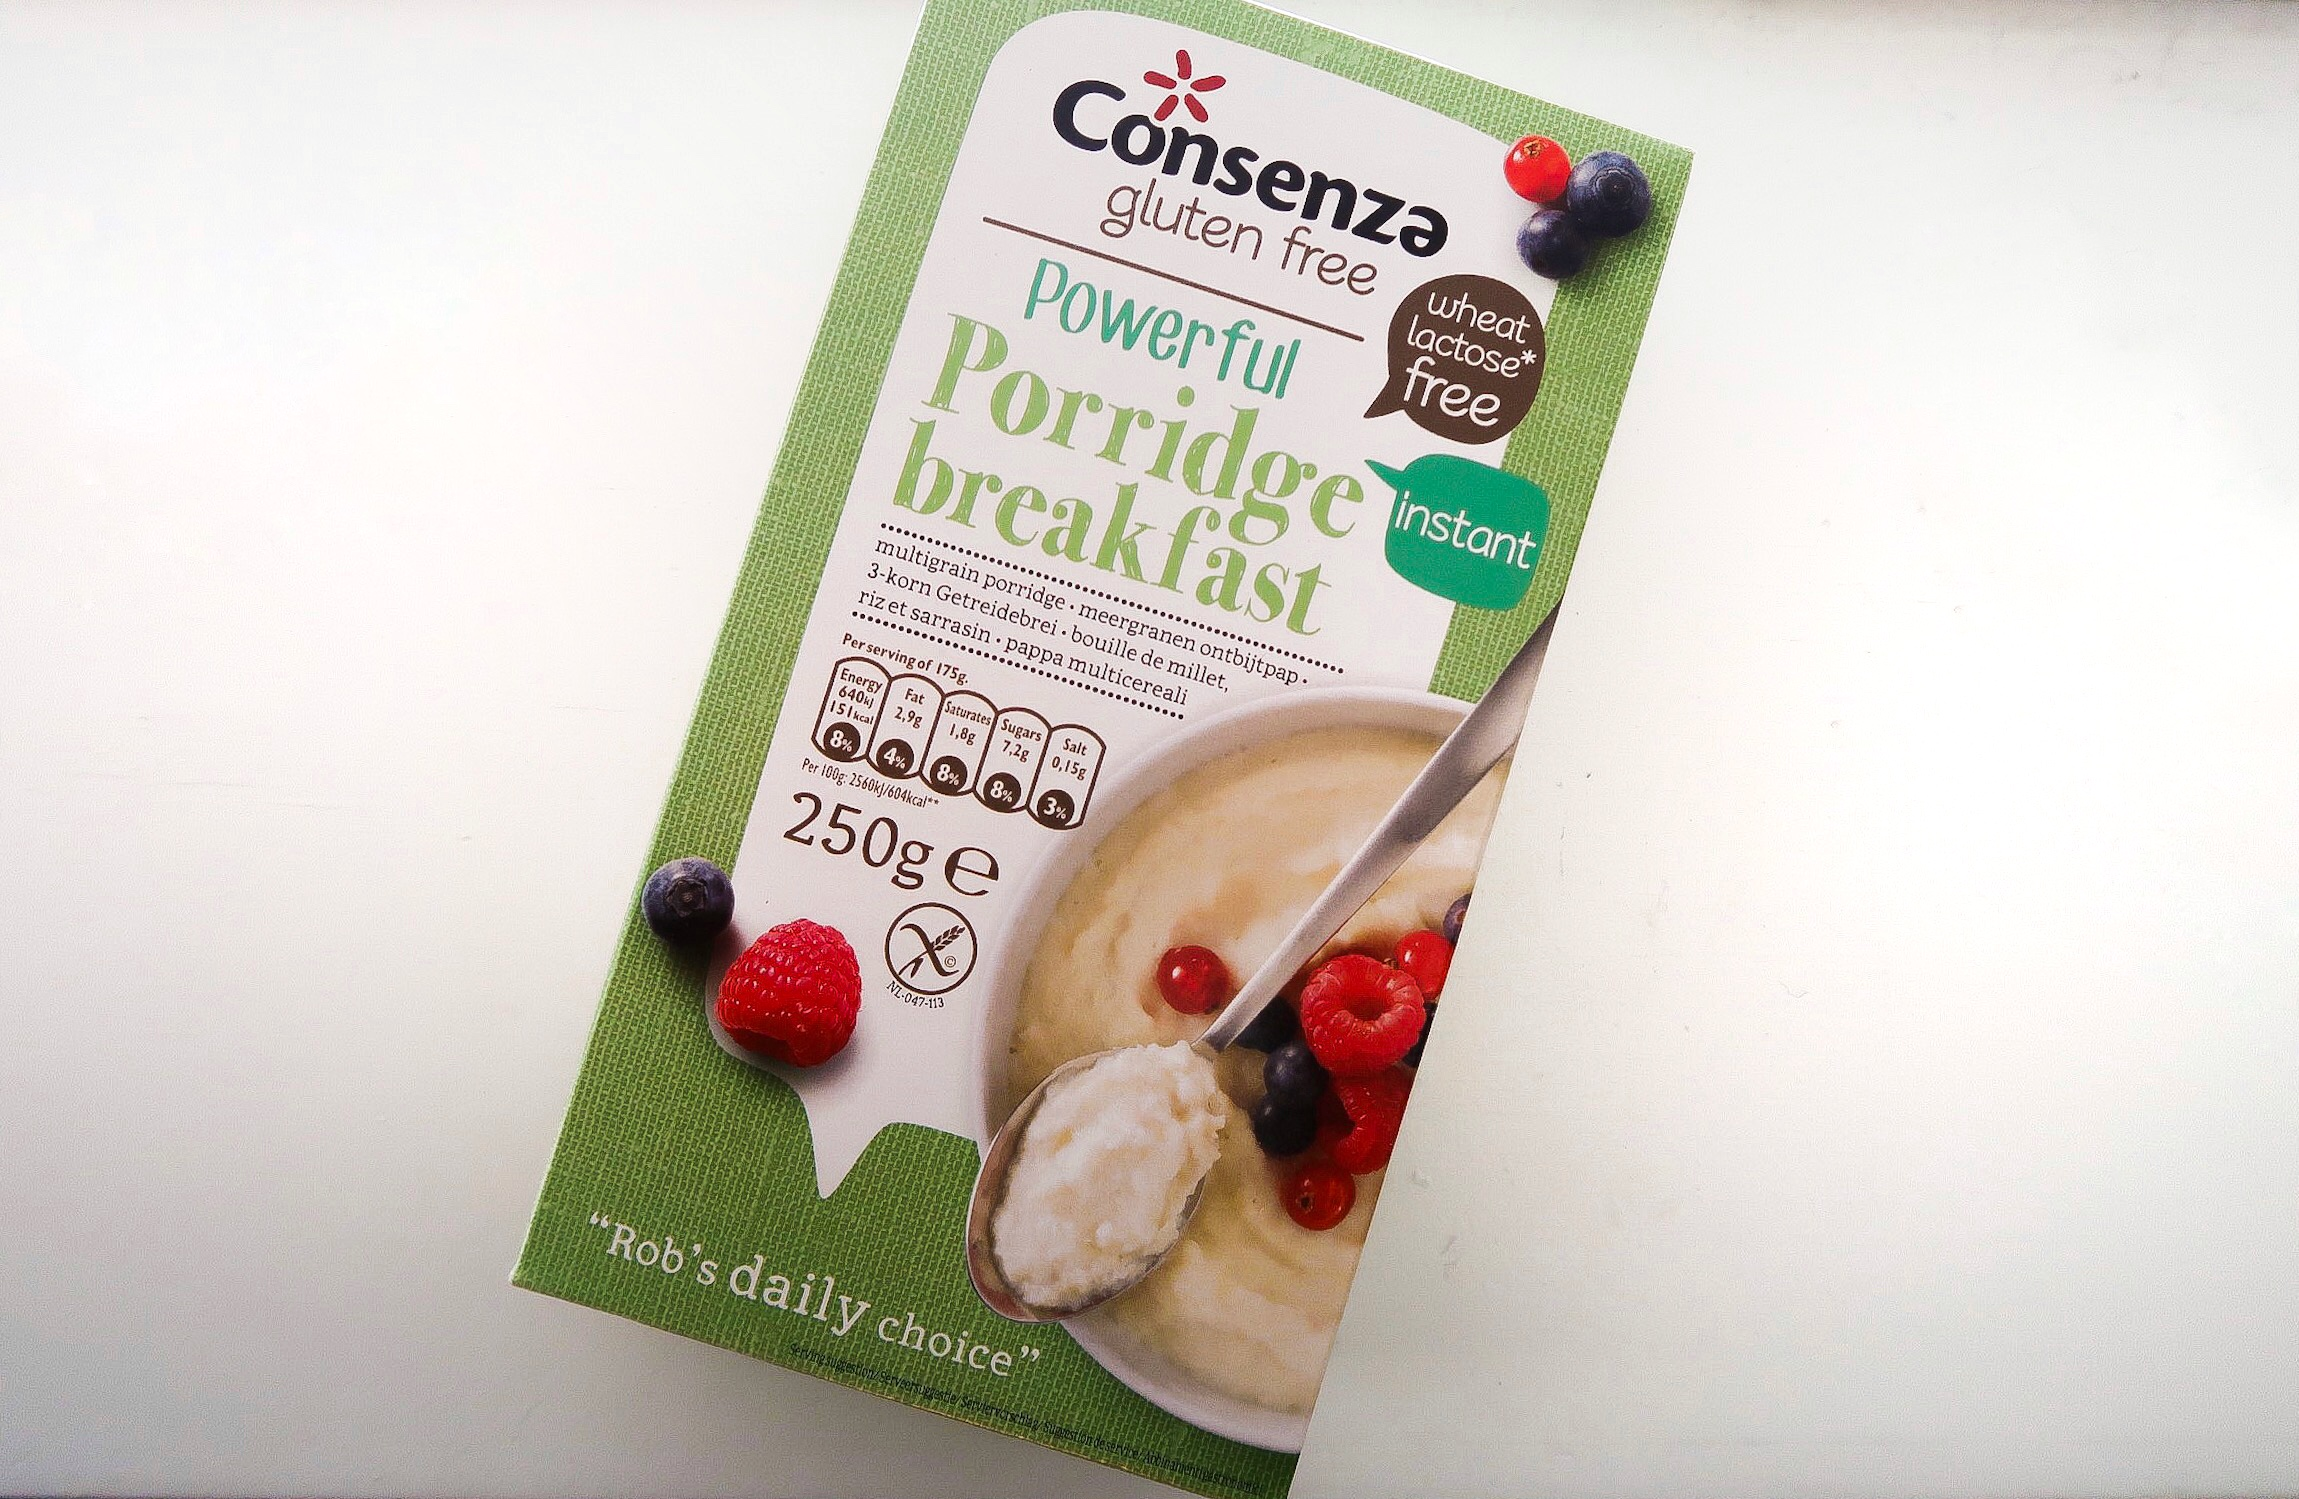 gezonde producten, product tips, gezonde voeding, afvallen, vet verliezen, gymjunkie lifestyle plan, gezond afvallen, ontbijtpap